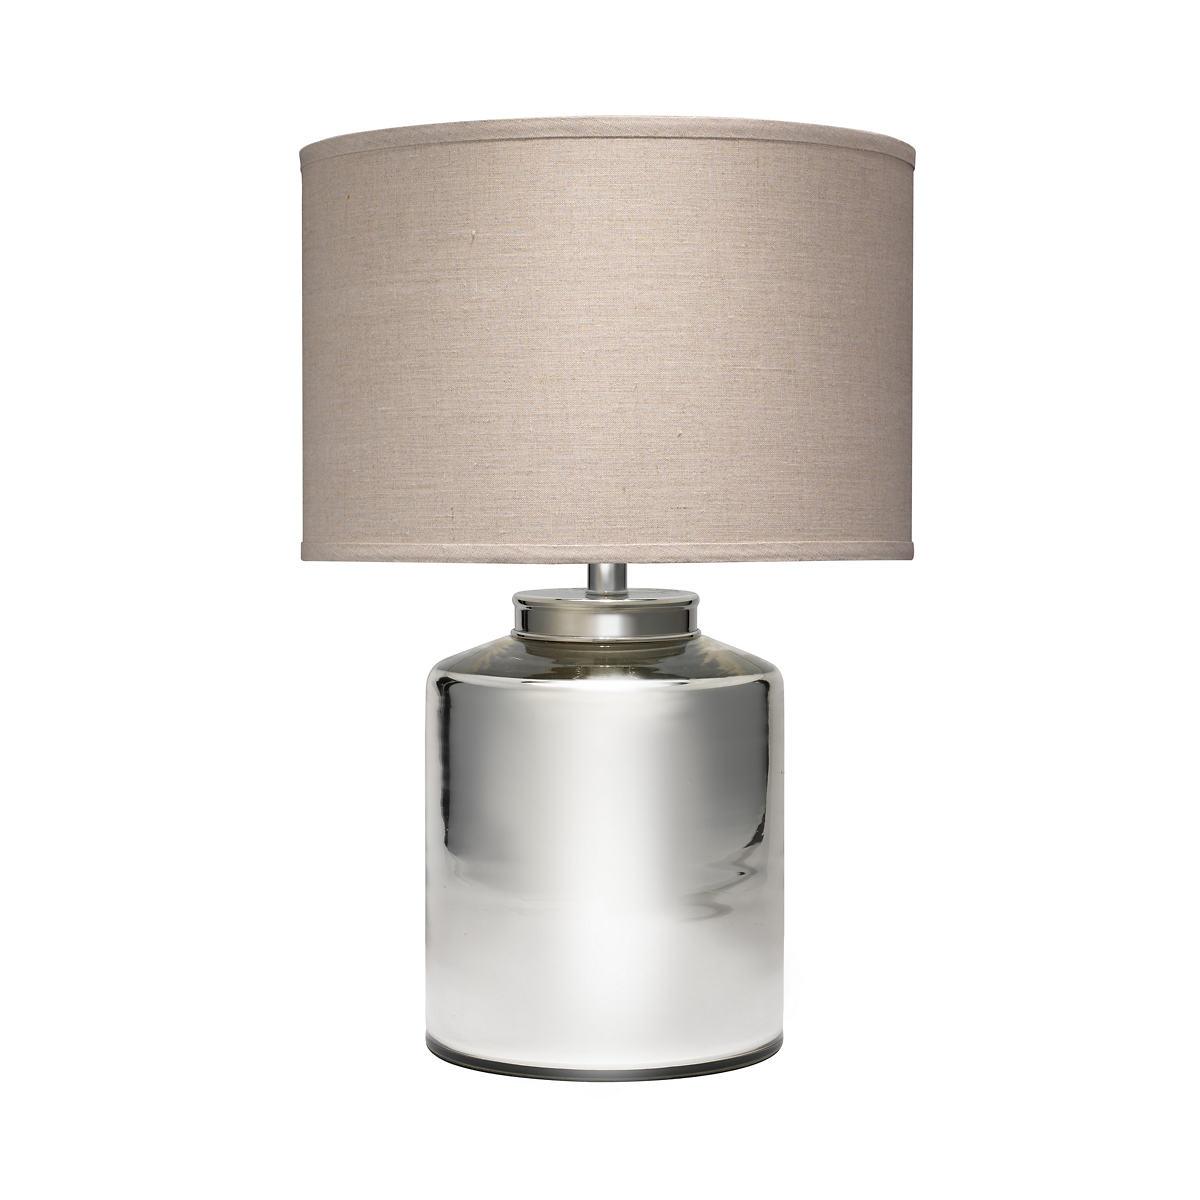 Vigo Silver Table Lamp